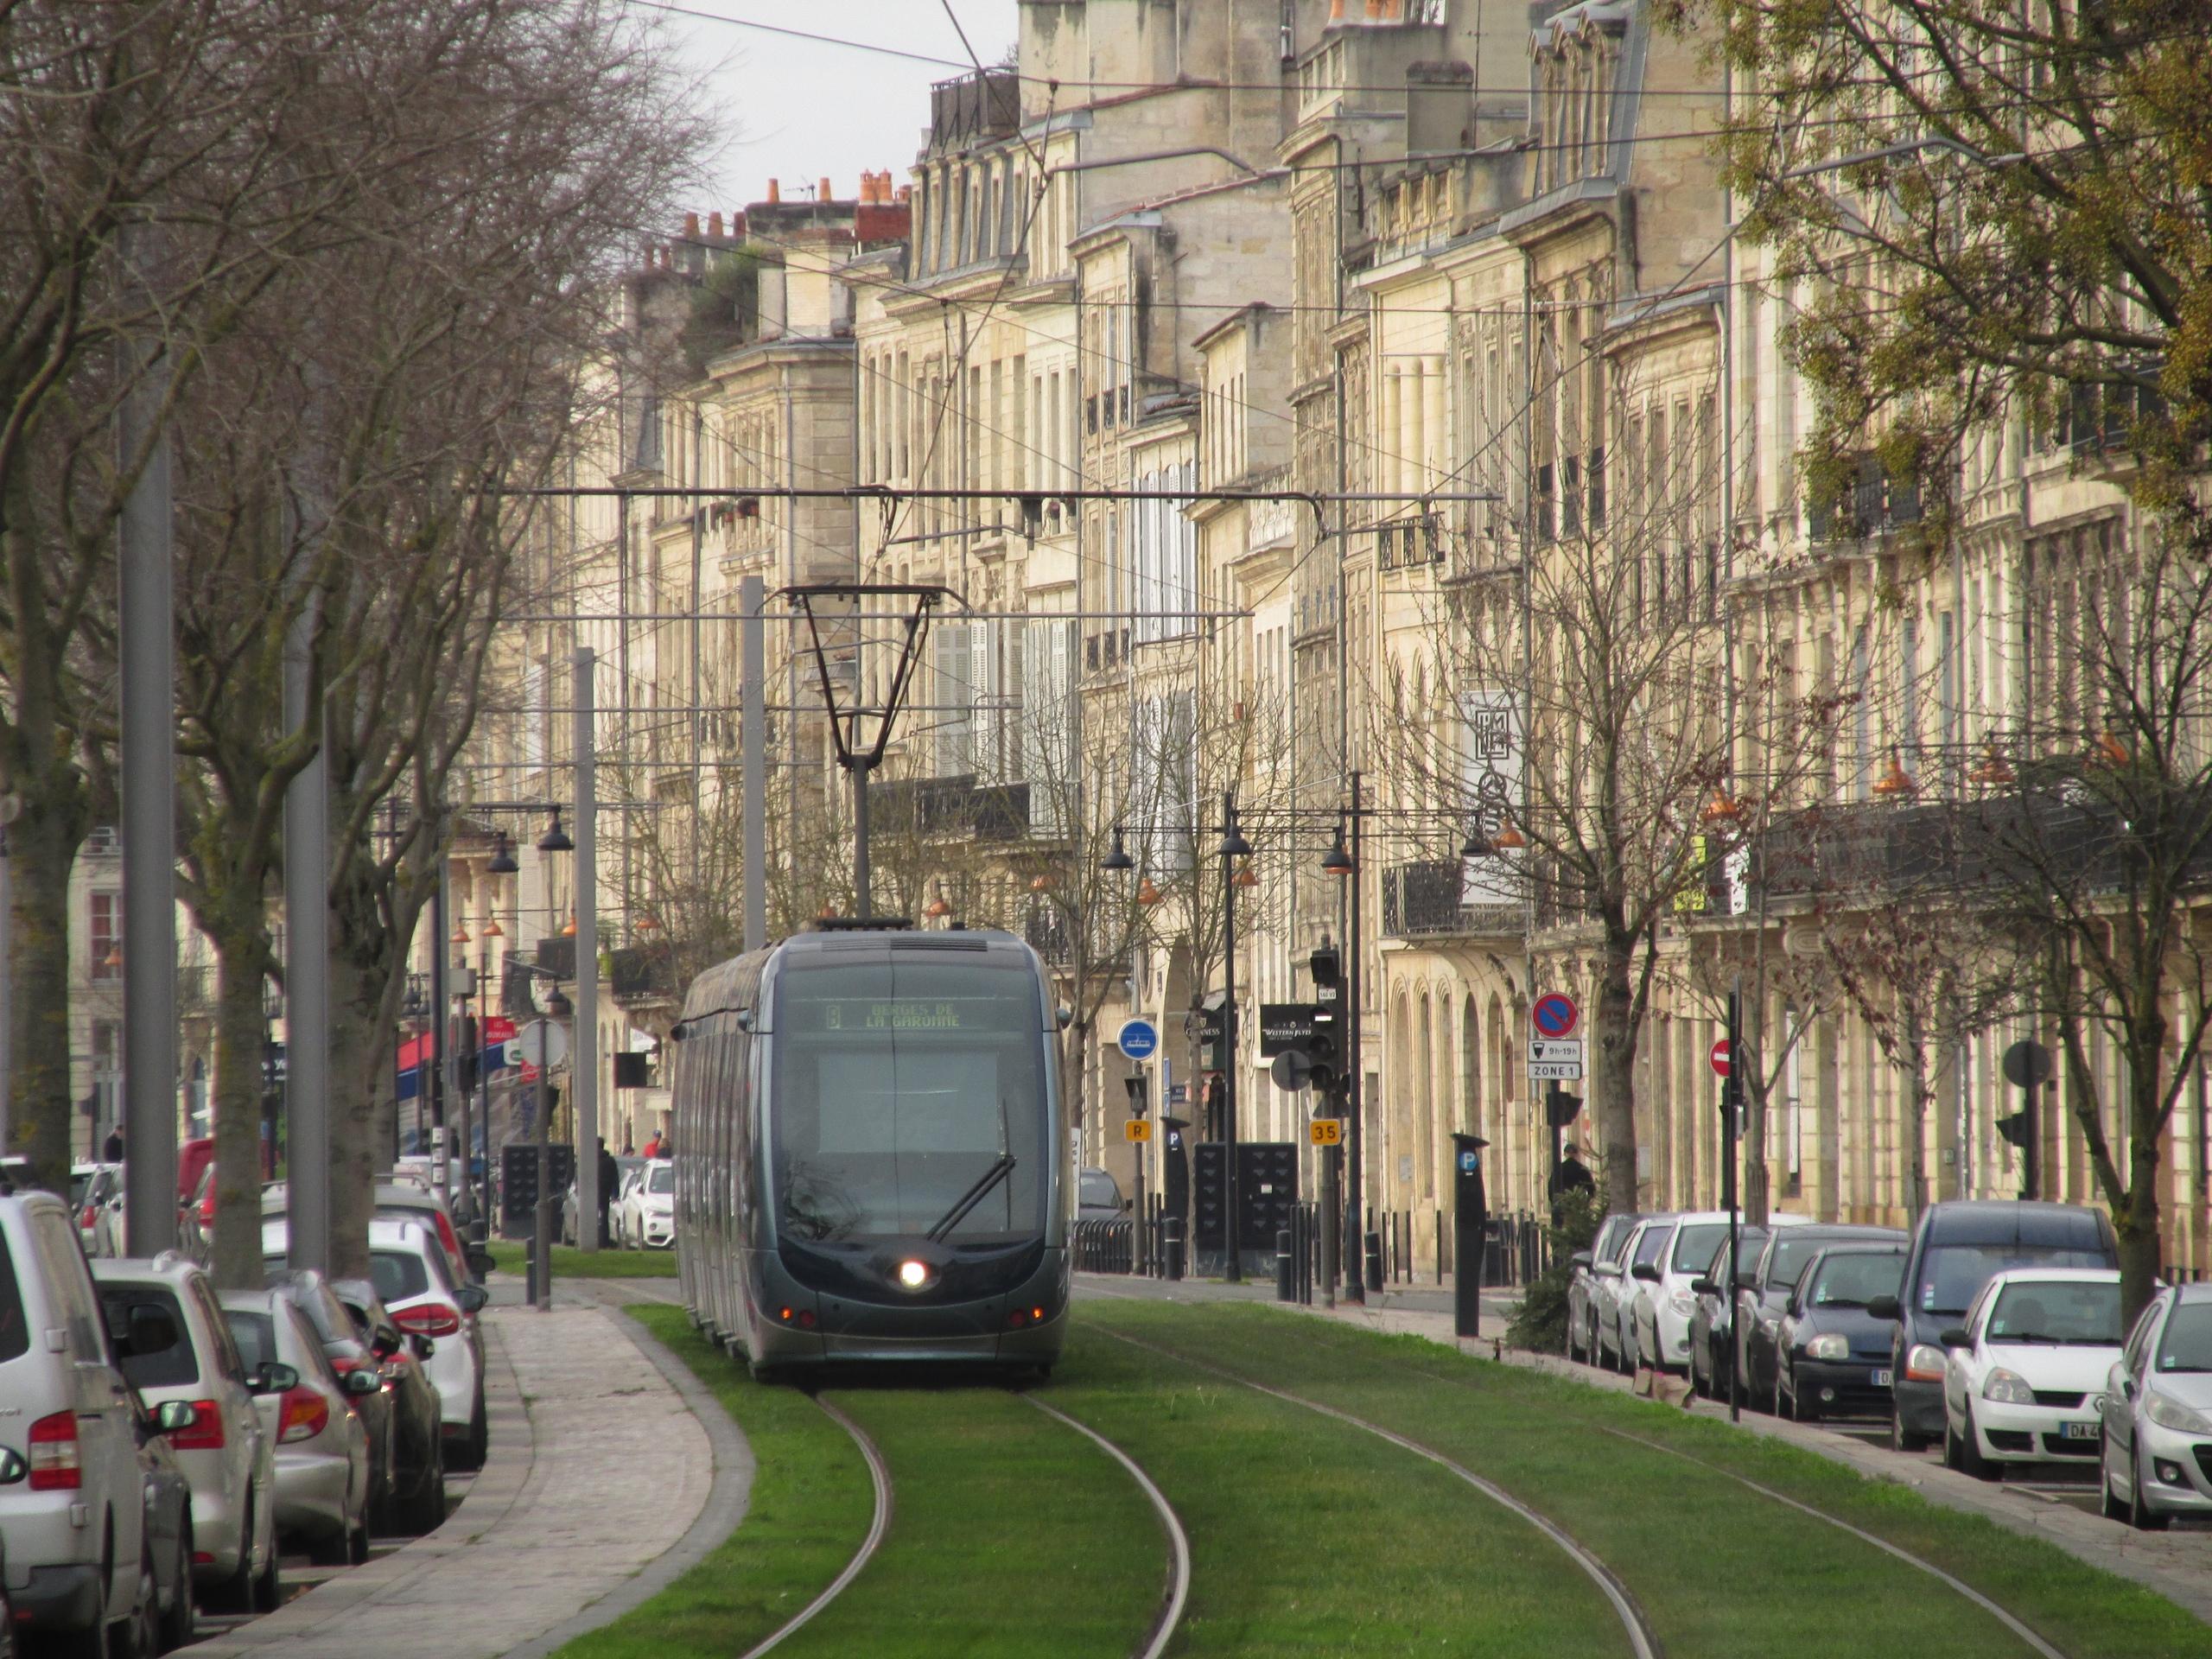 Общественный транспорт как часть городского антуража